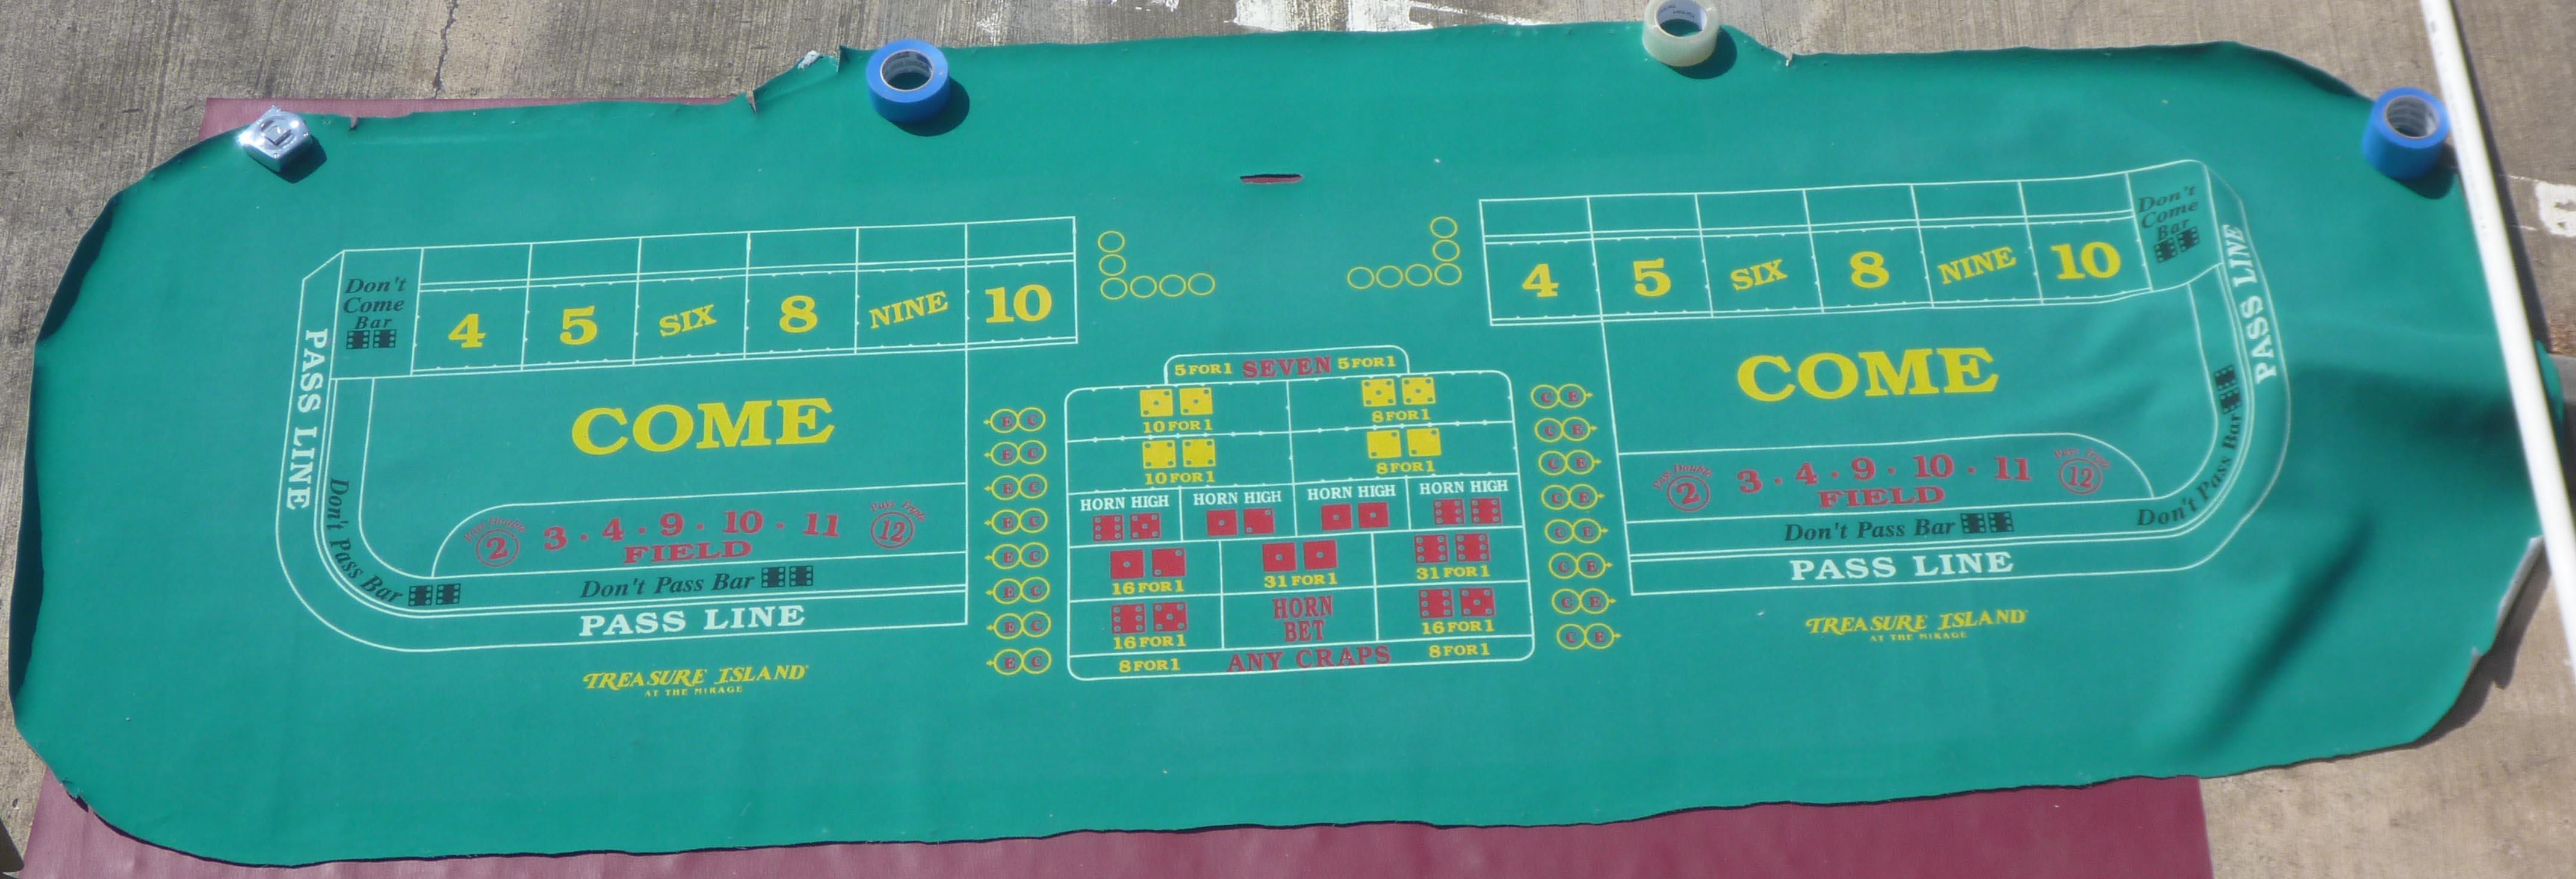 Gambling kcmo